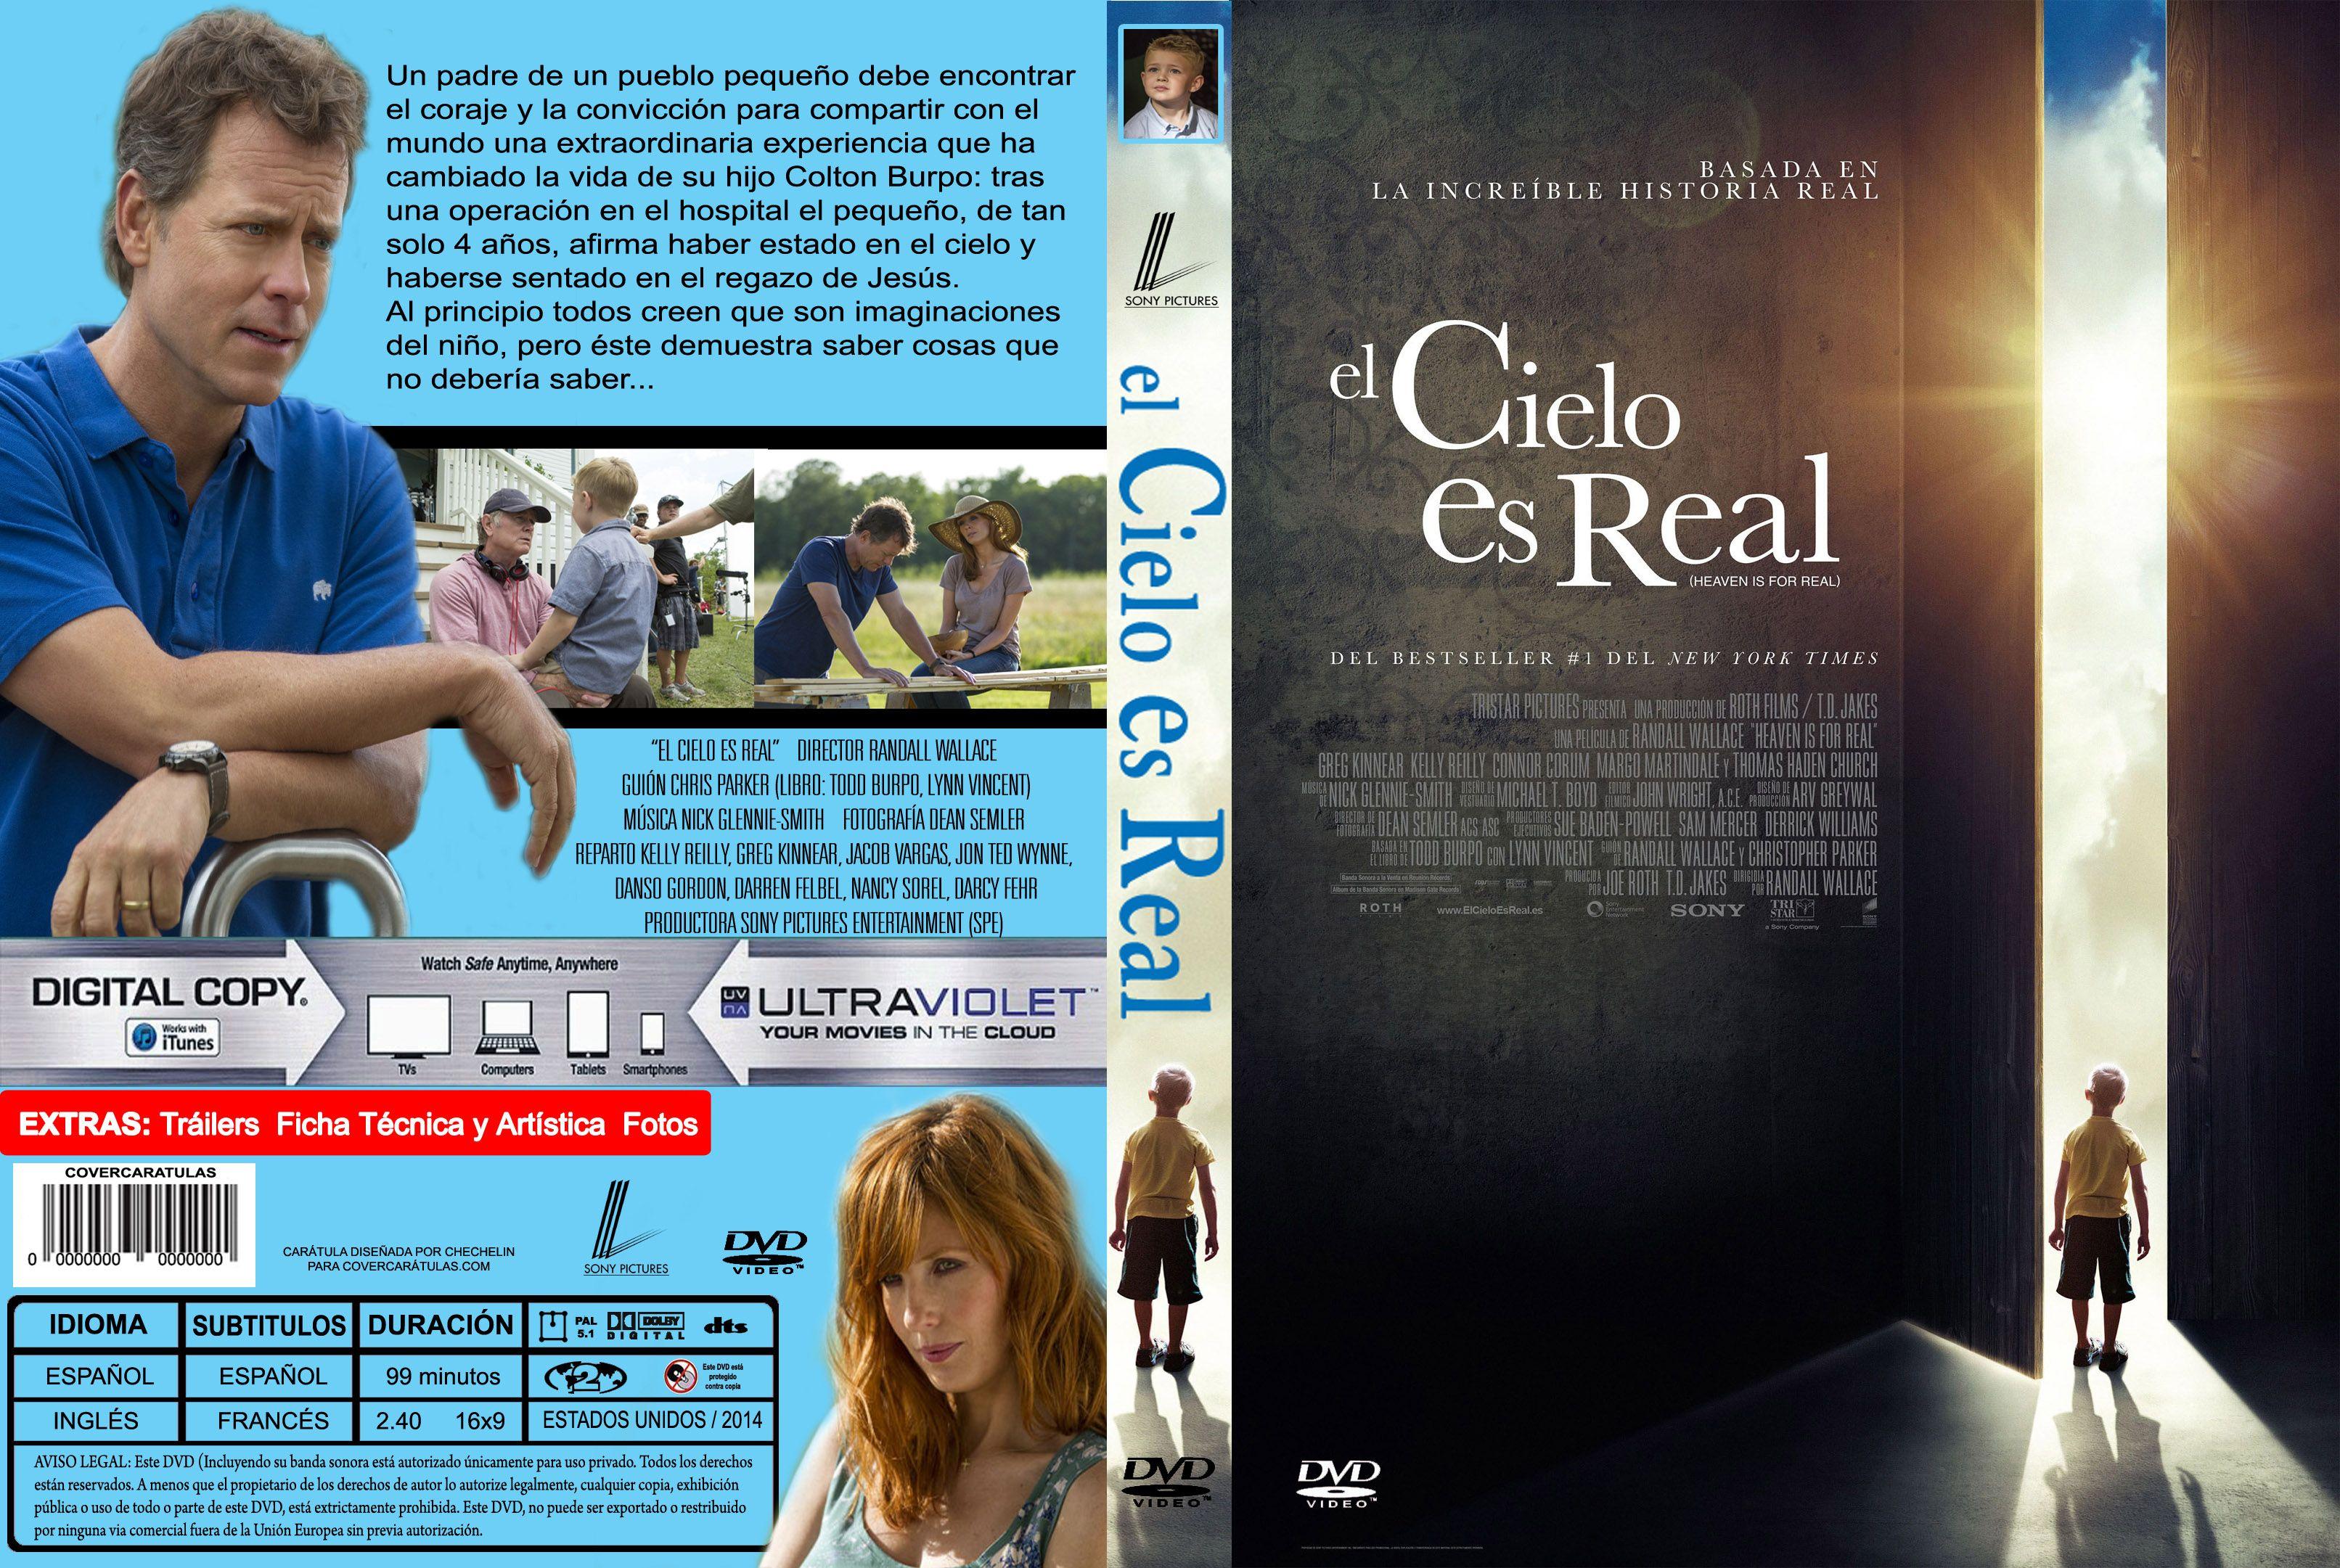 º El Cielo Es Real Descargando Con Manu Pelis Dvd Full Latino